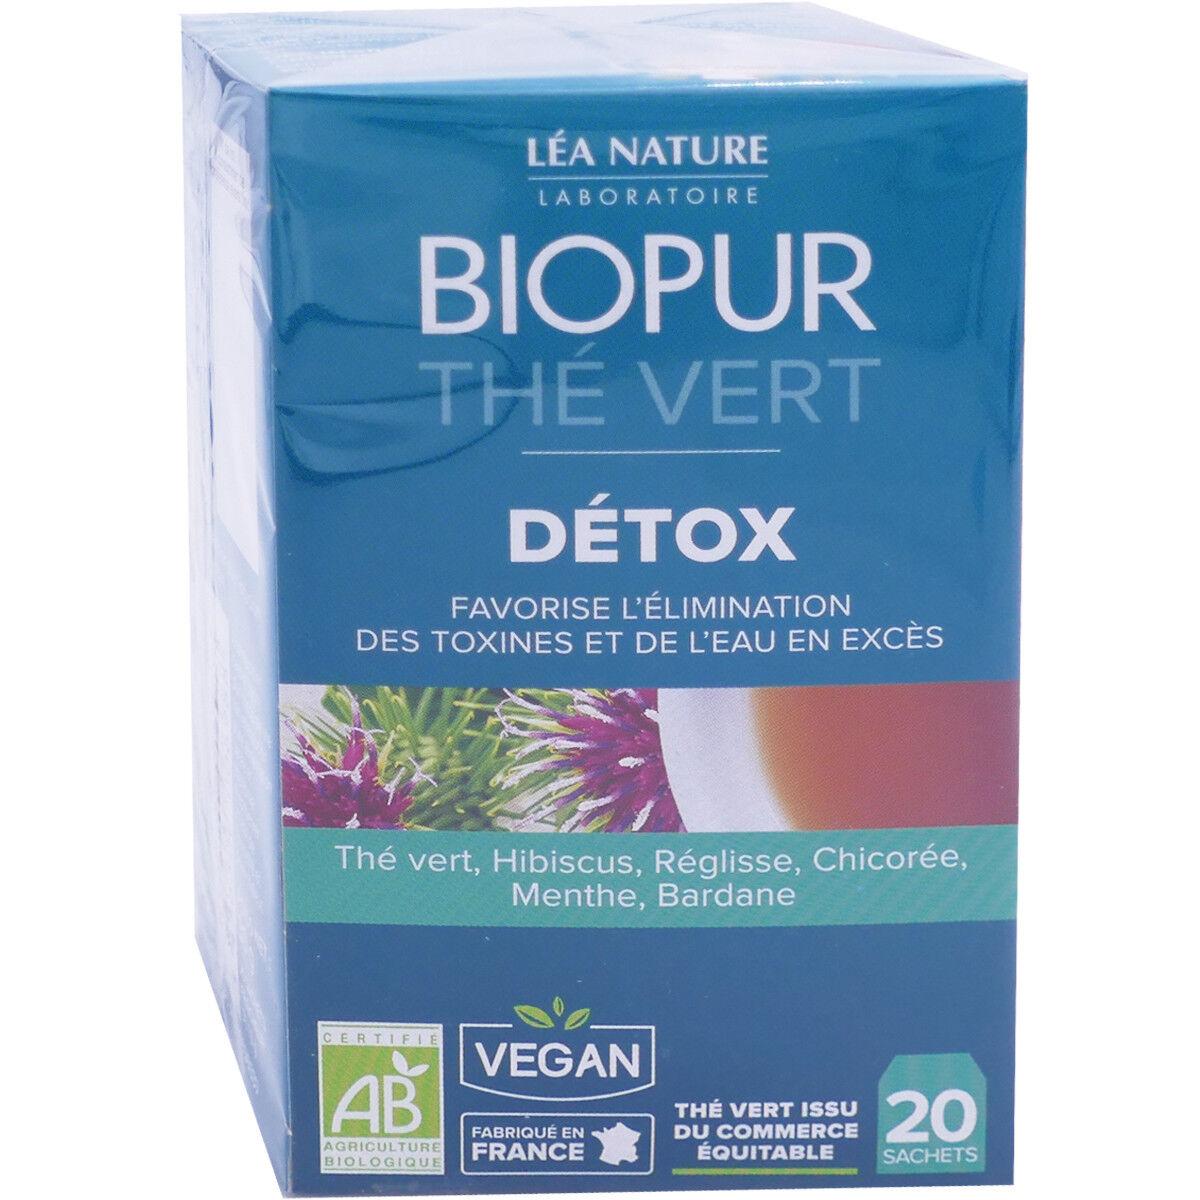 LEA NATURE Biopur the vert detox 20 sachets bio